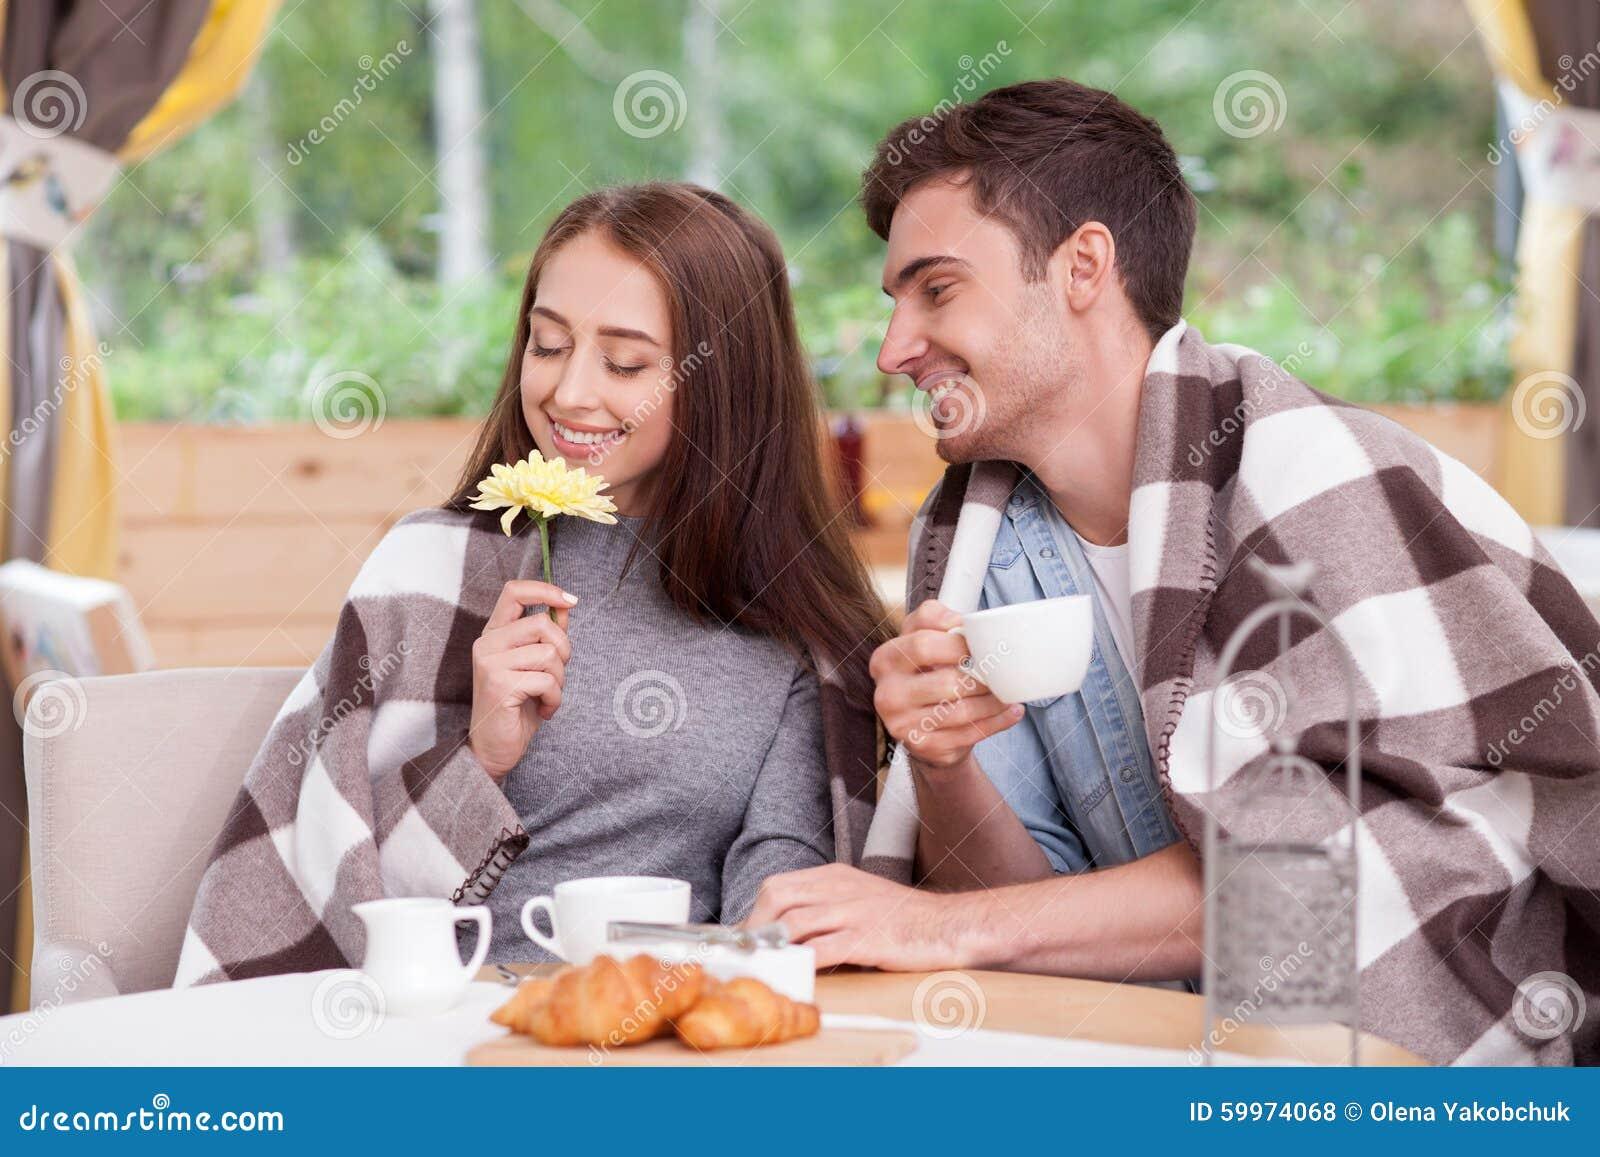 leeteuk and minahs dating prank